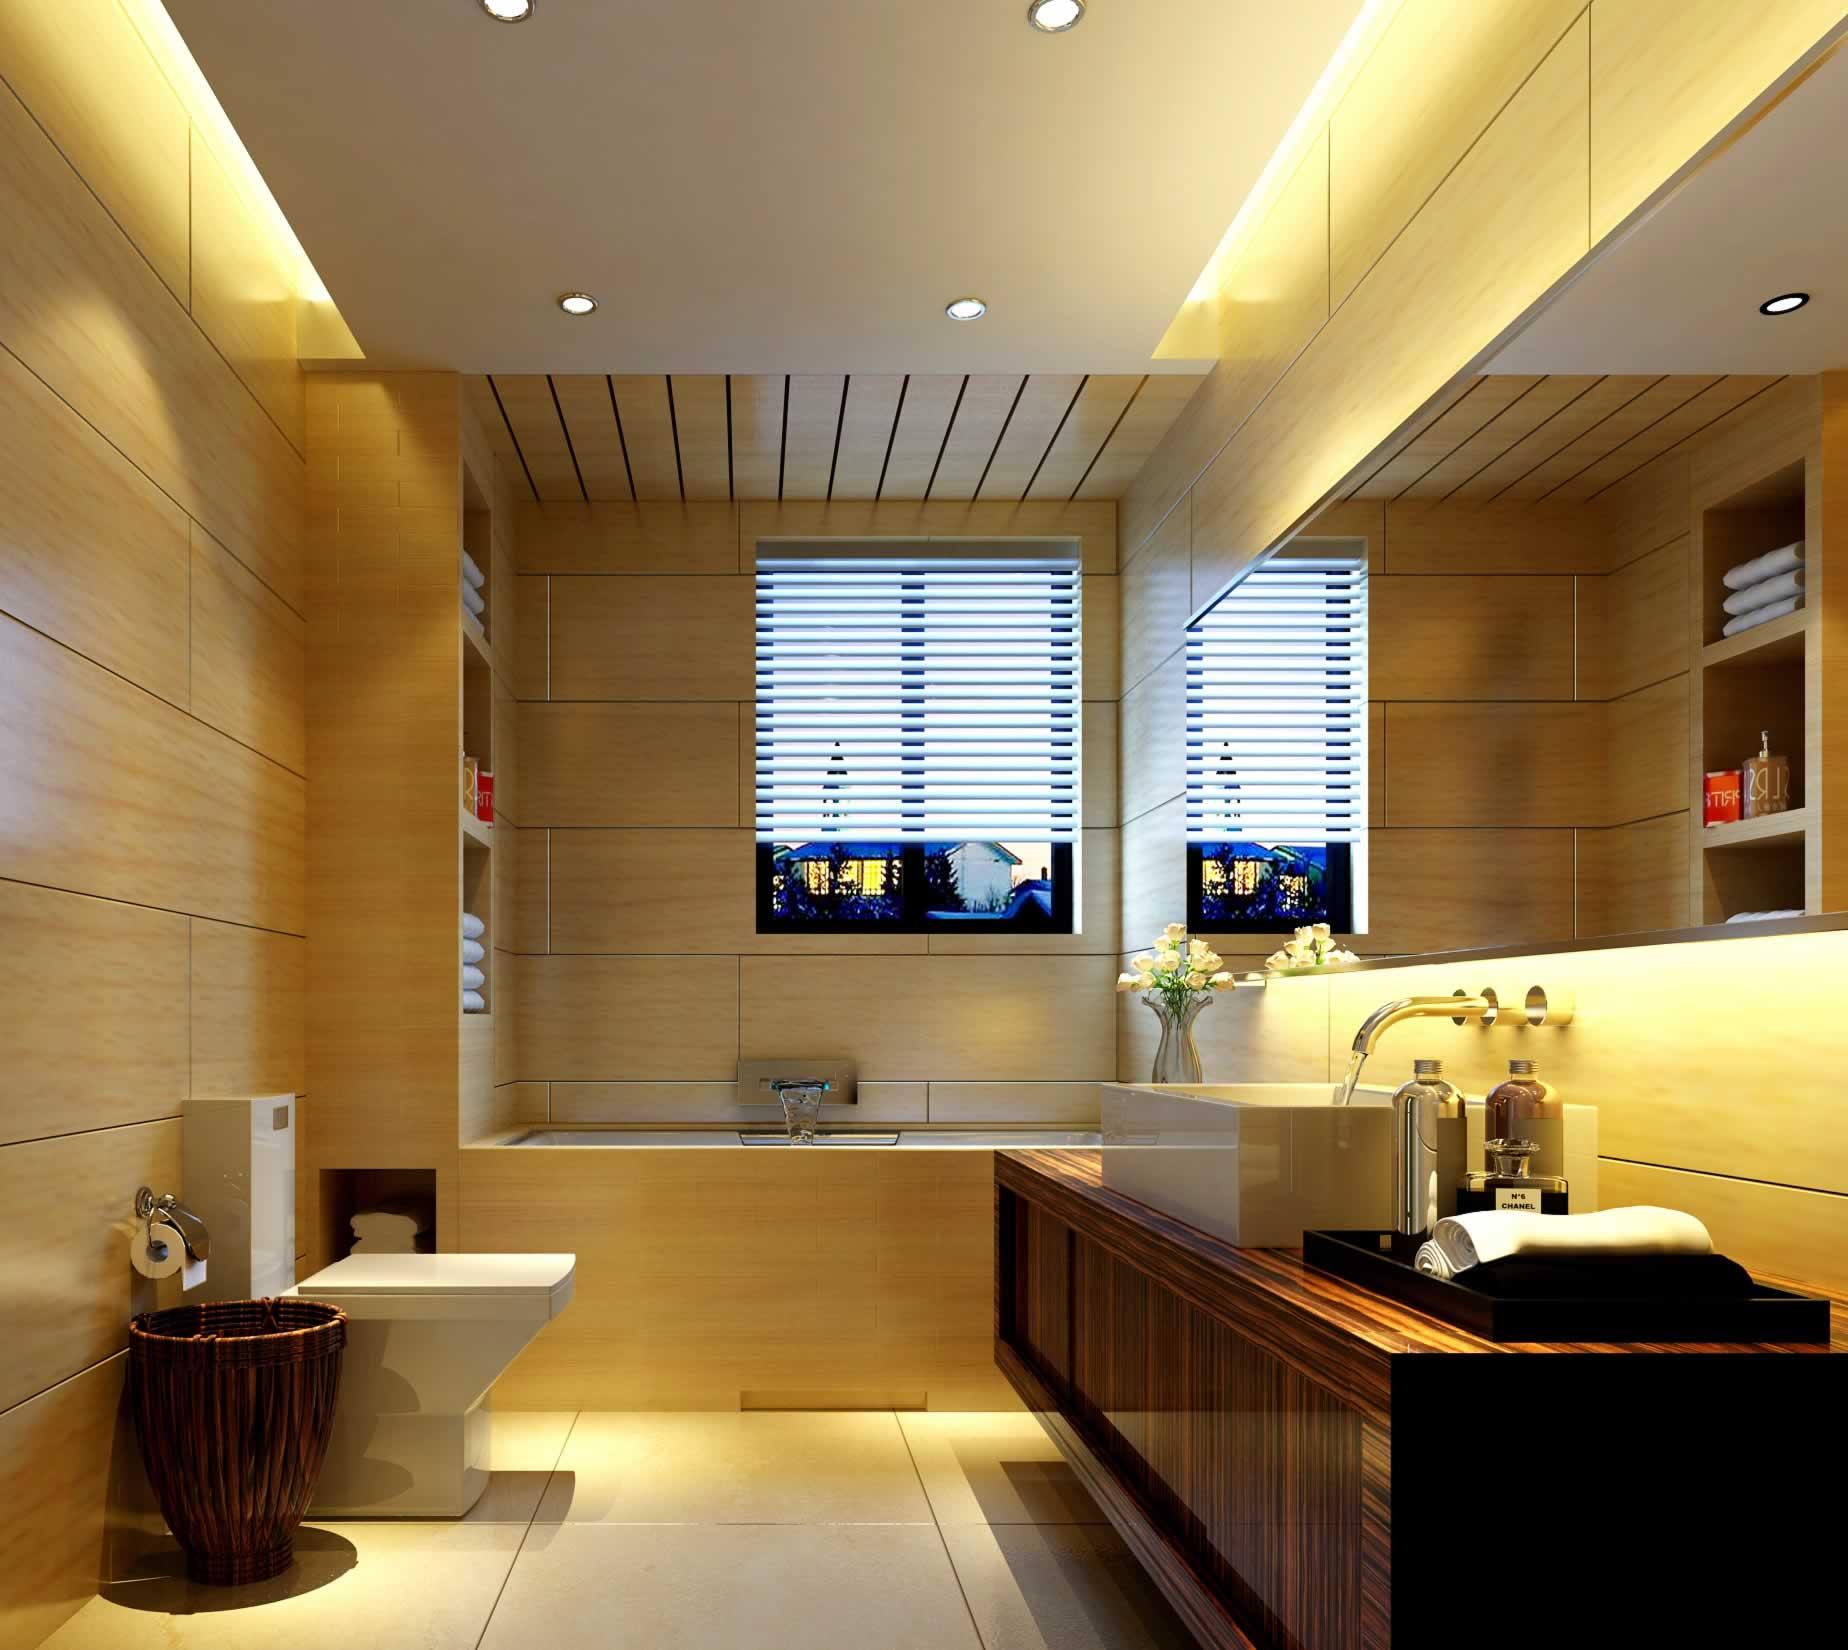 简约暖色调家居卫生间马桶设计图片